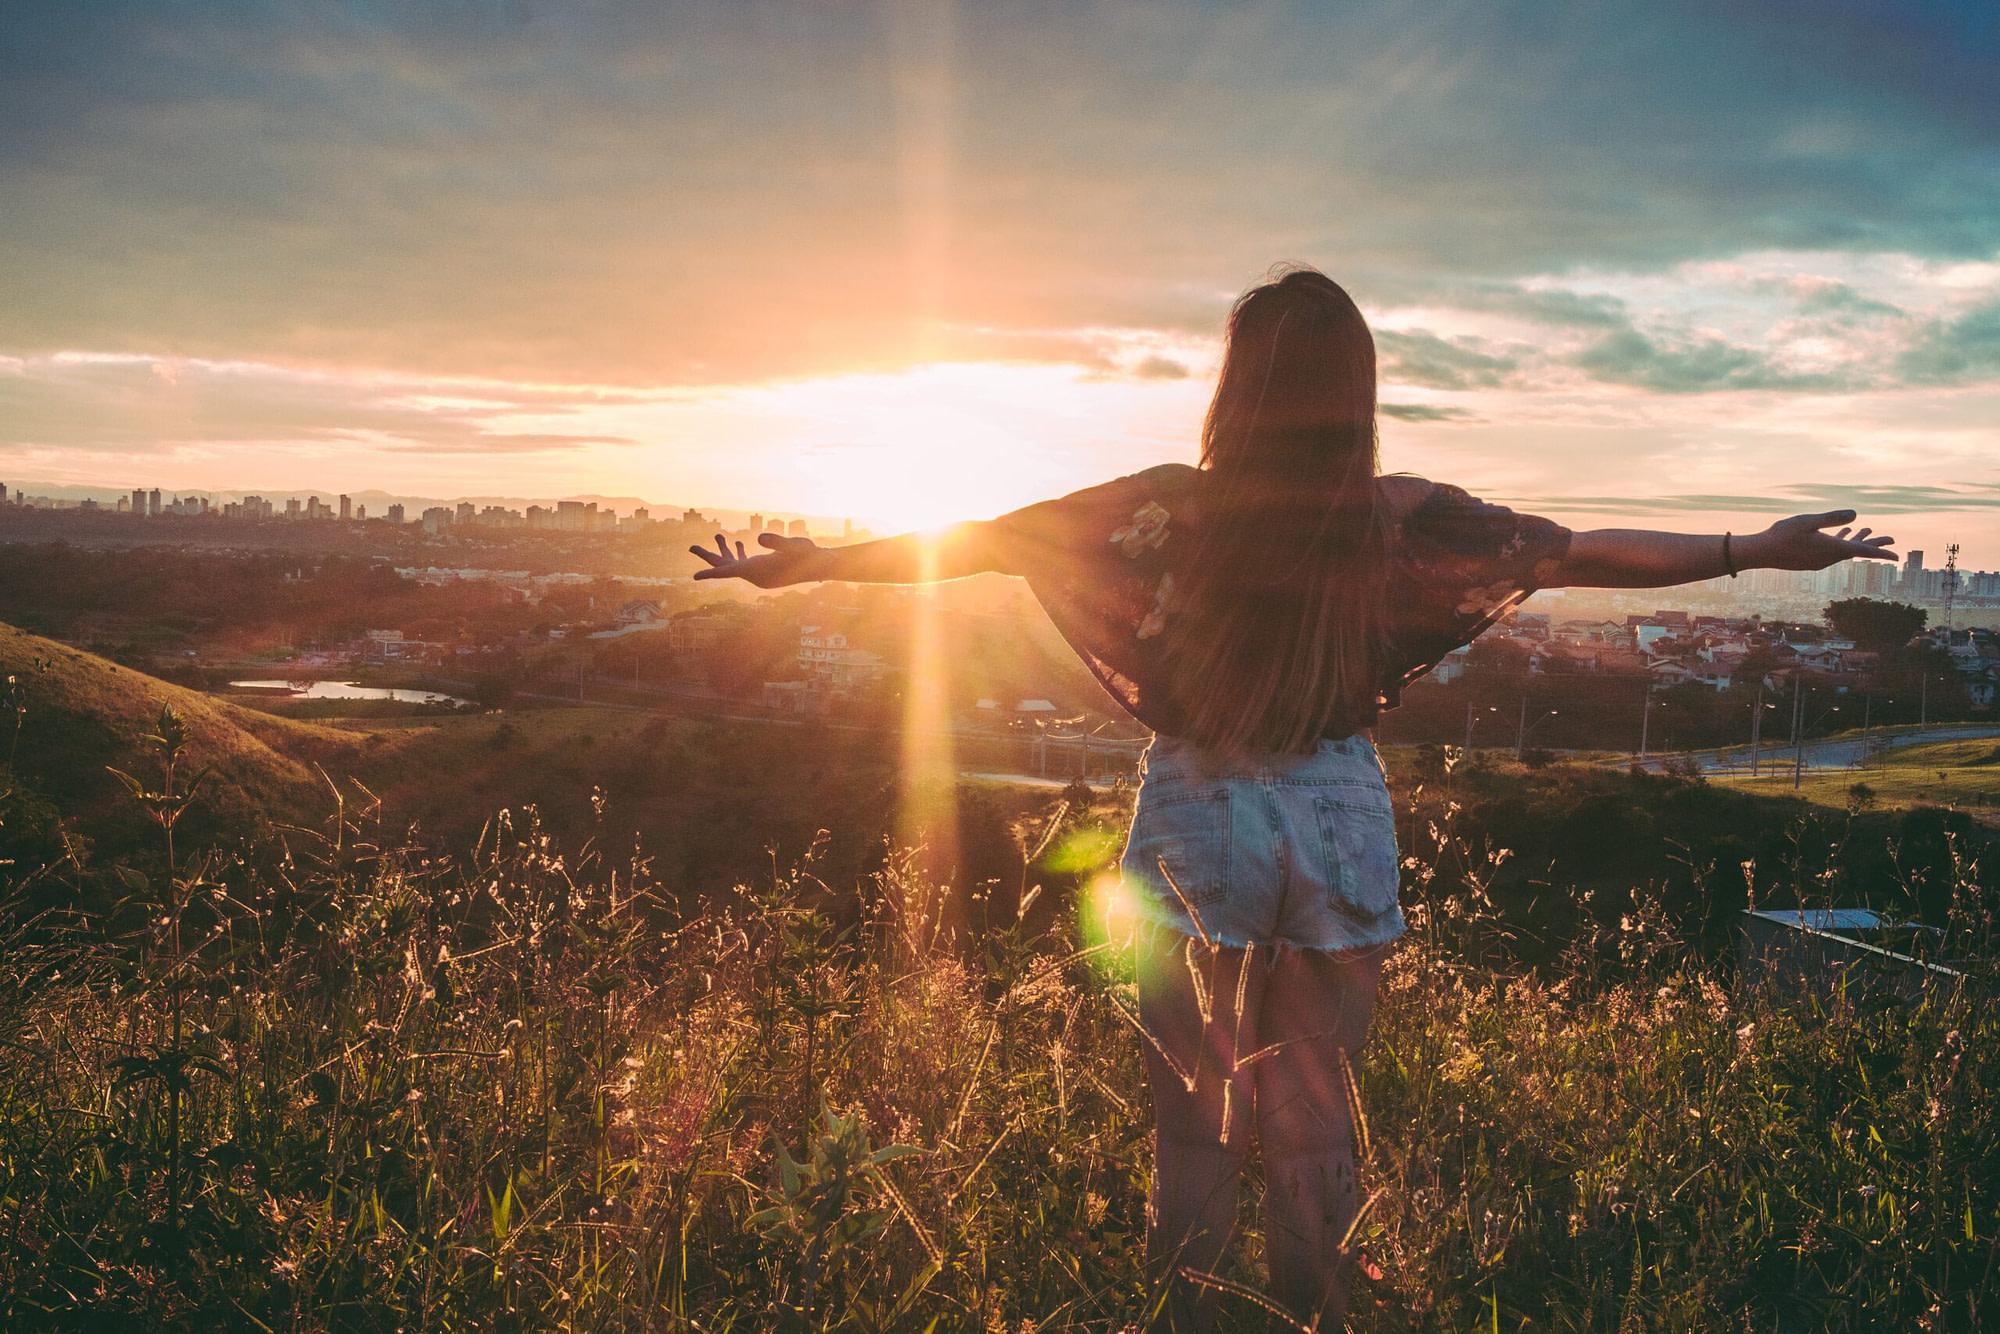 omdenken Van uitdaging naar kans – Deel 2: Omdenken & focus op een ander perspectief woman stands on mountain over field under cloudy sky at 847483 scaled